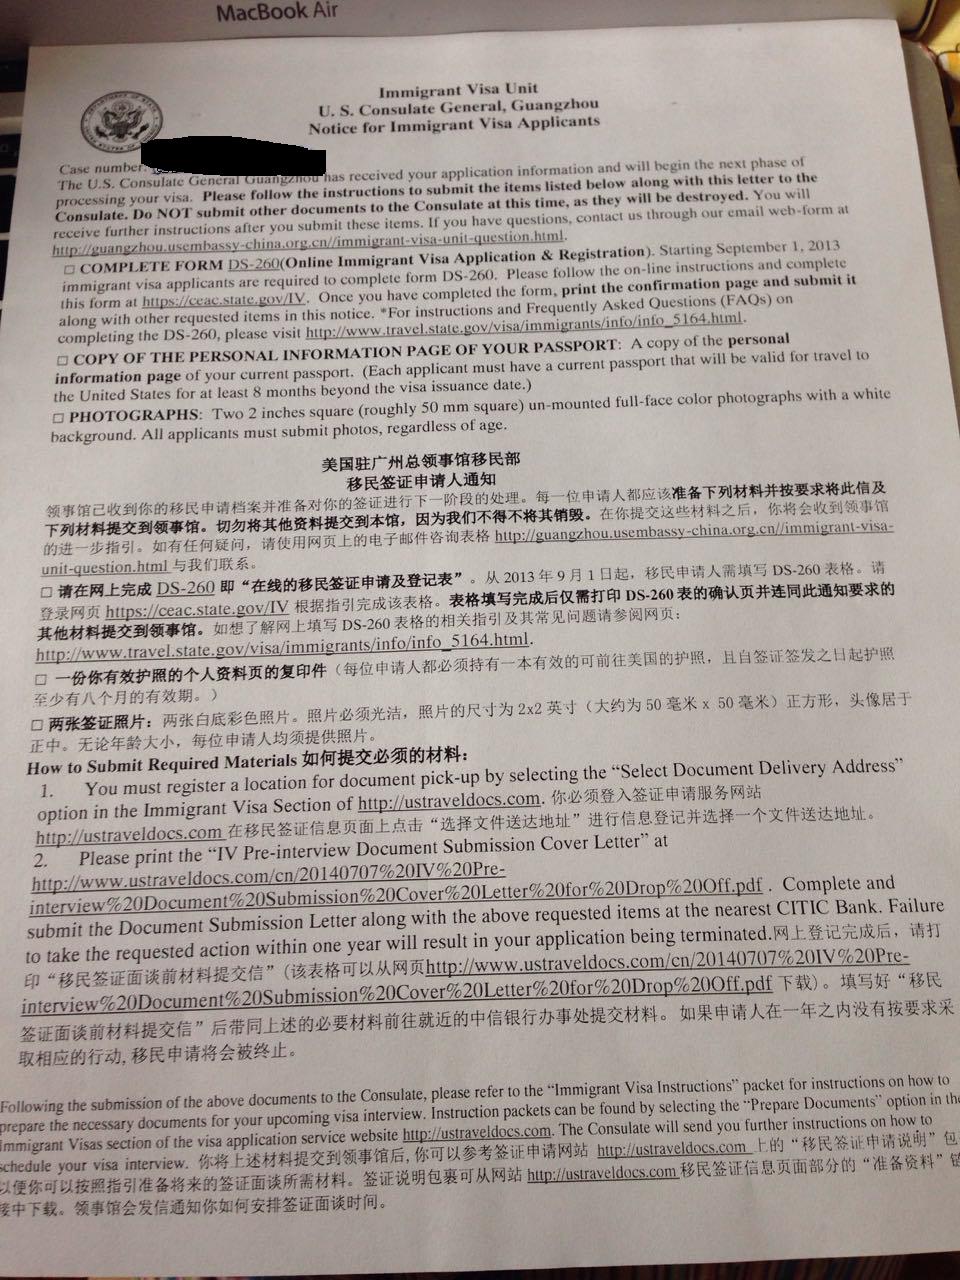 ds 160 visa form pdf